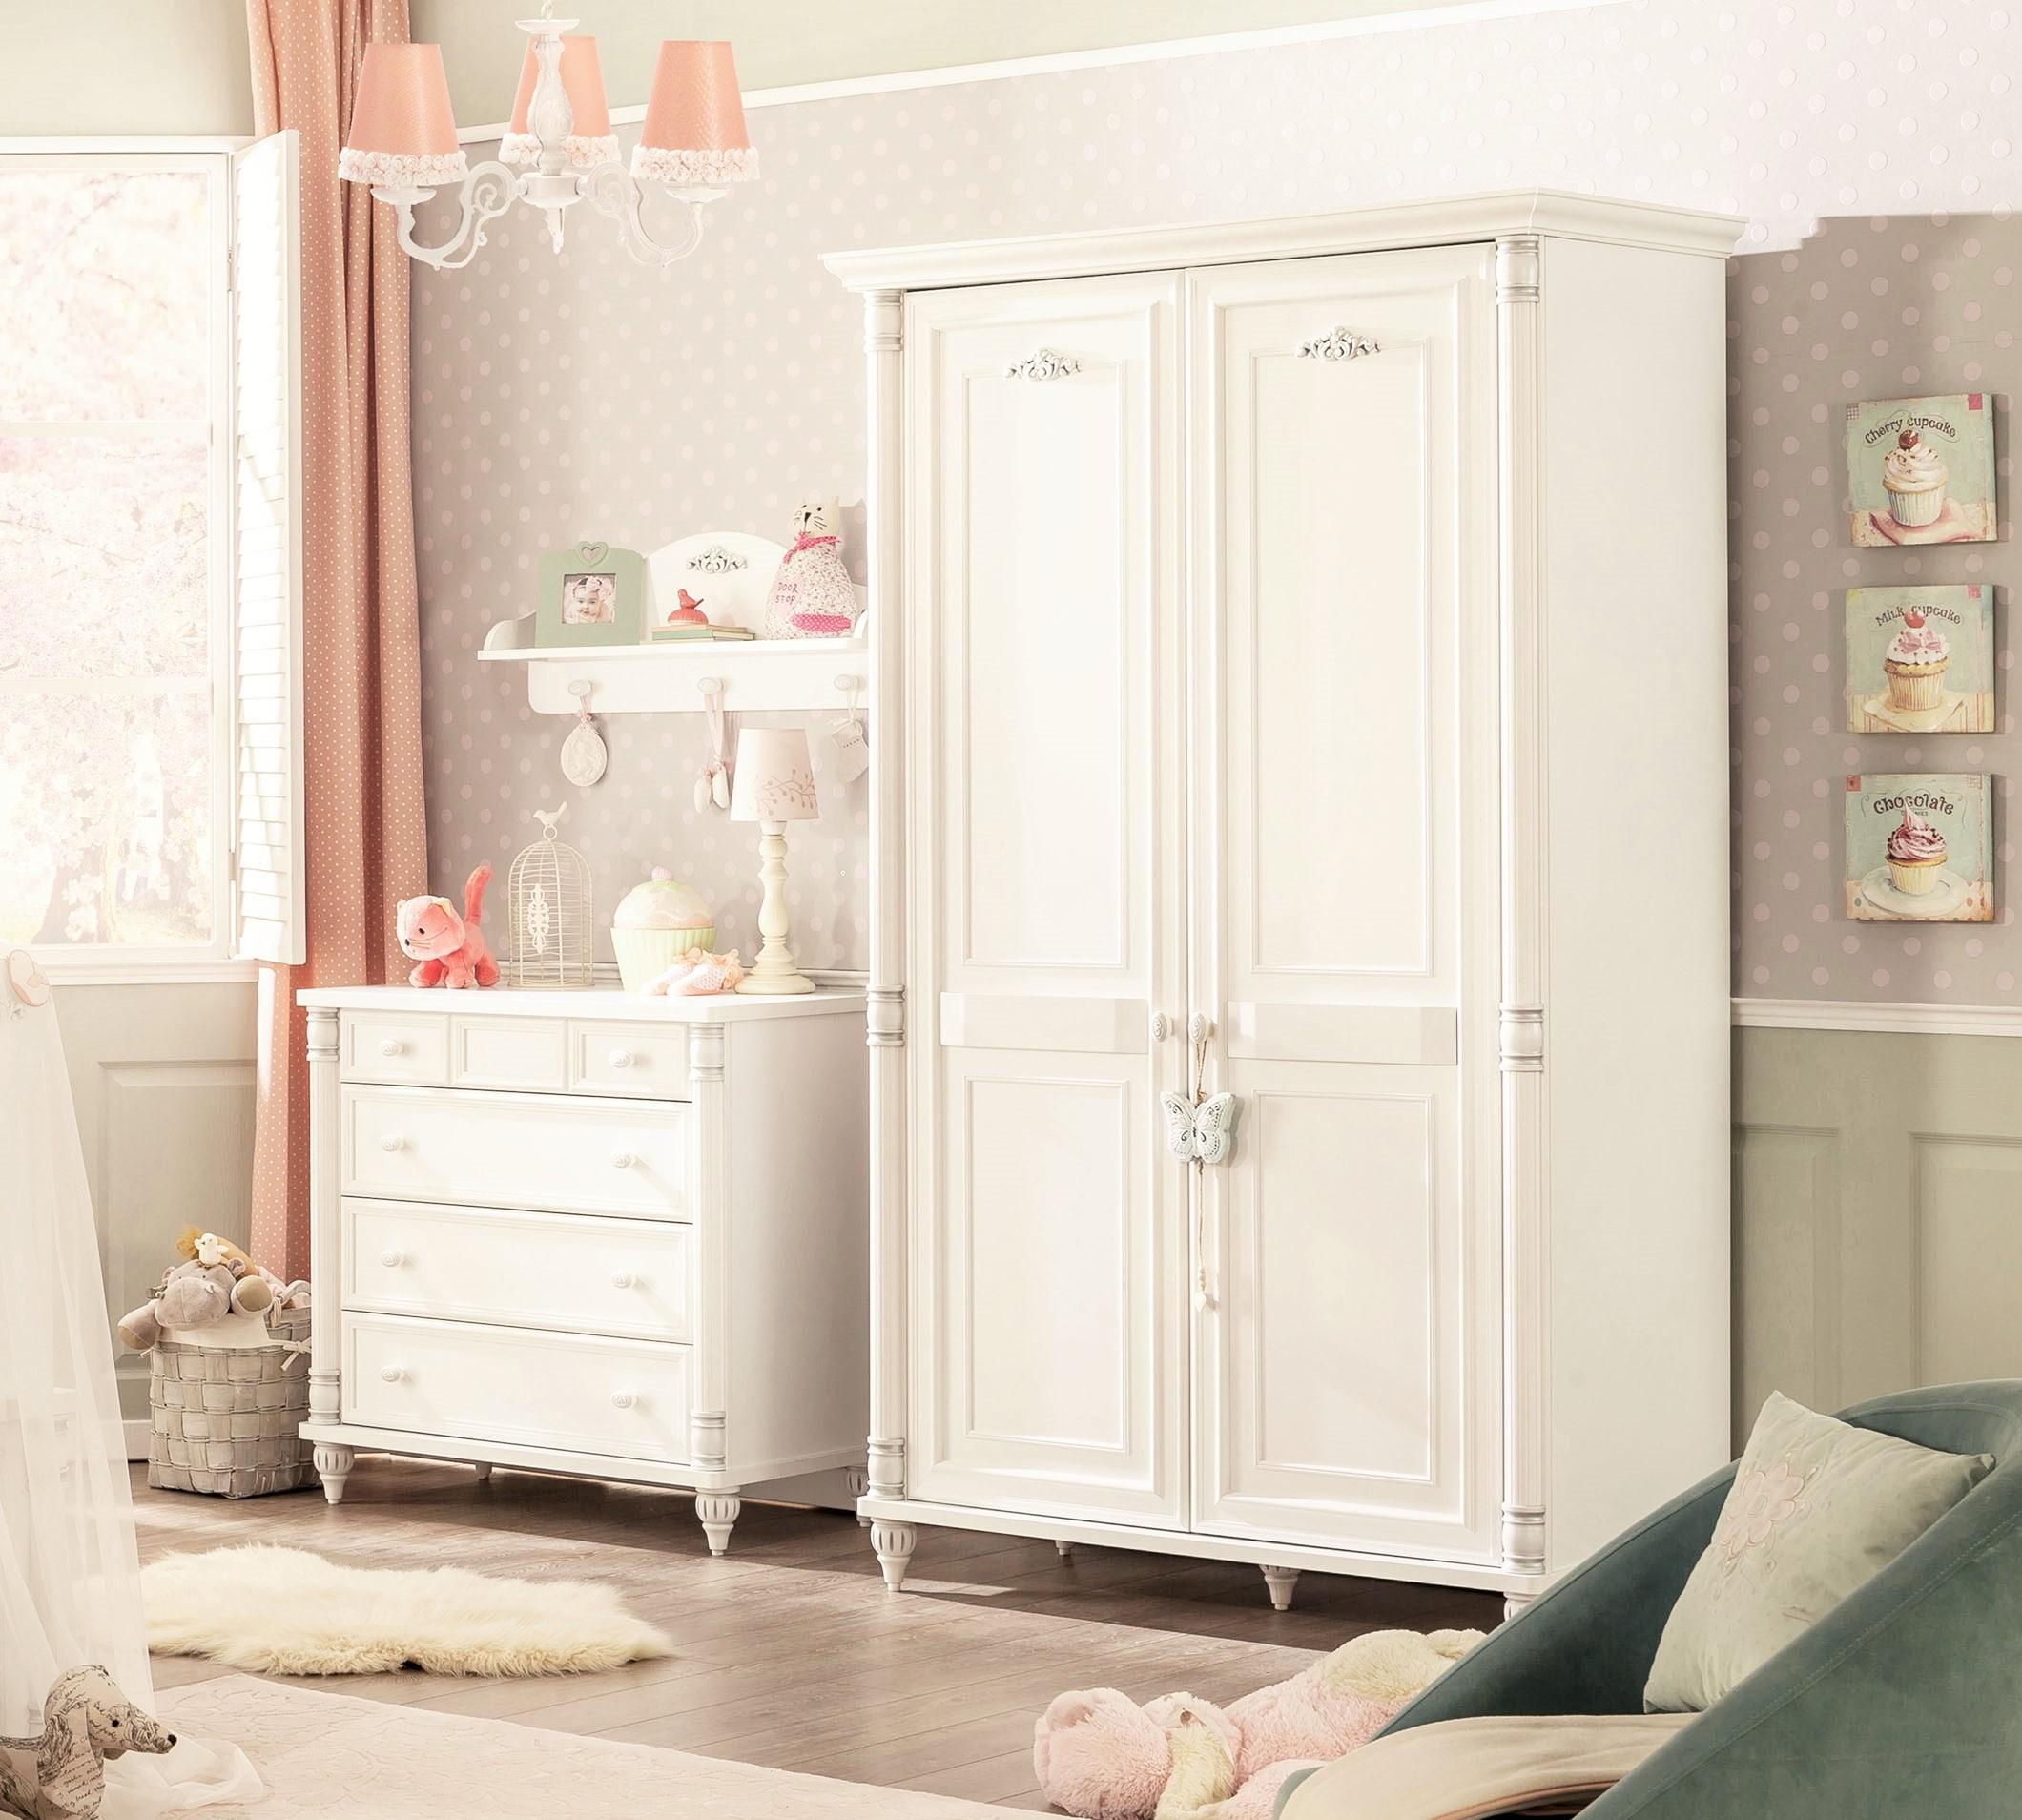 romantic 2 deurs kledingkast babykamer kinderkamer